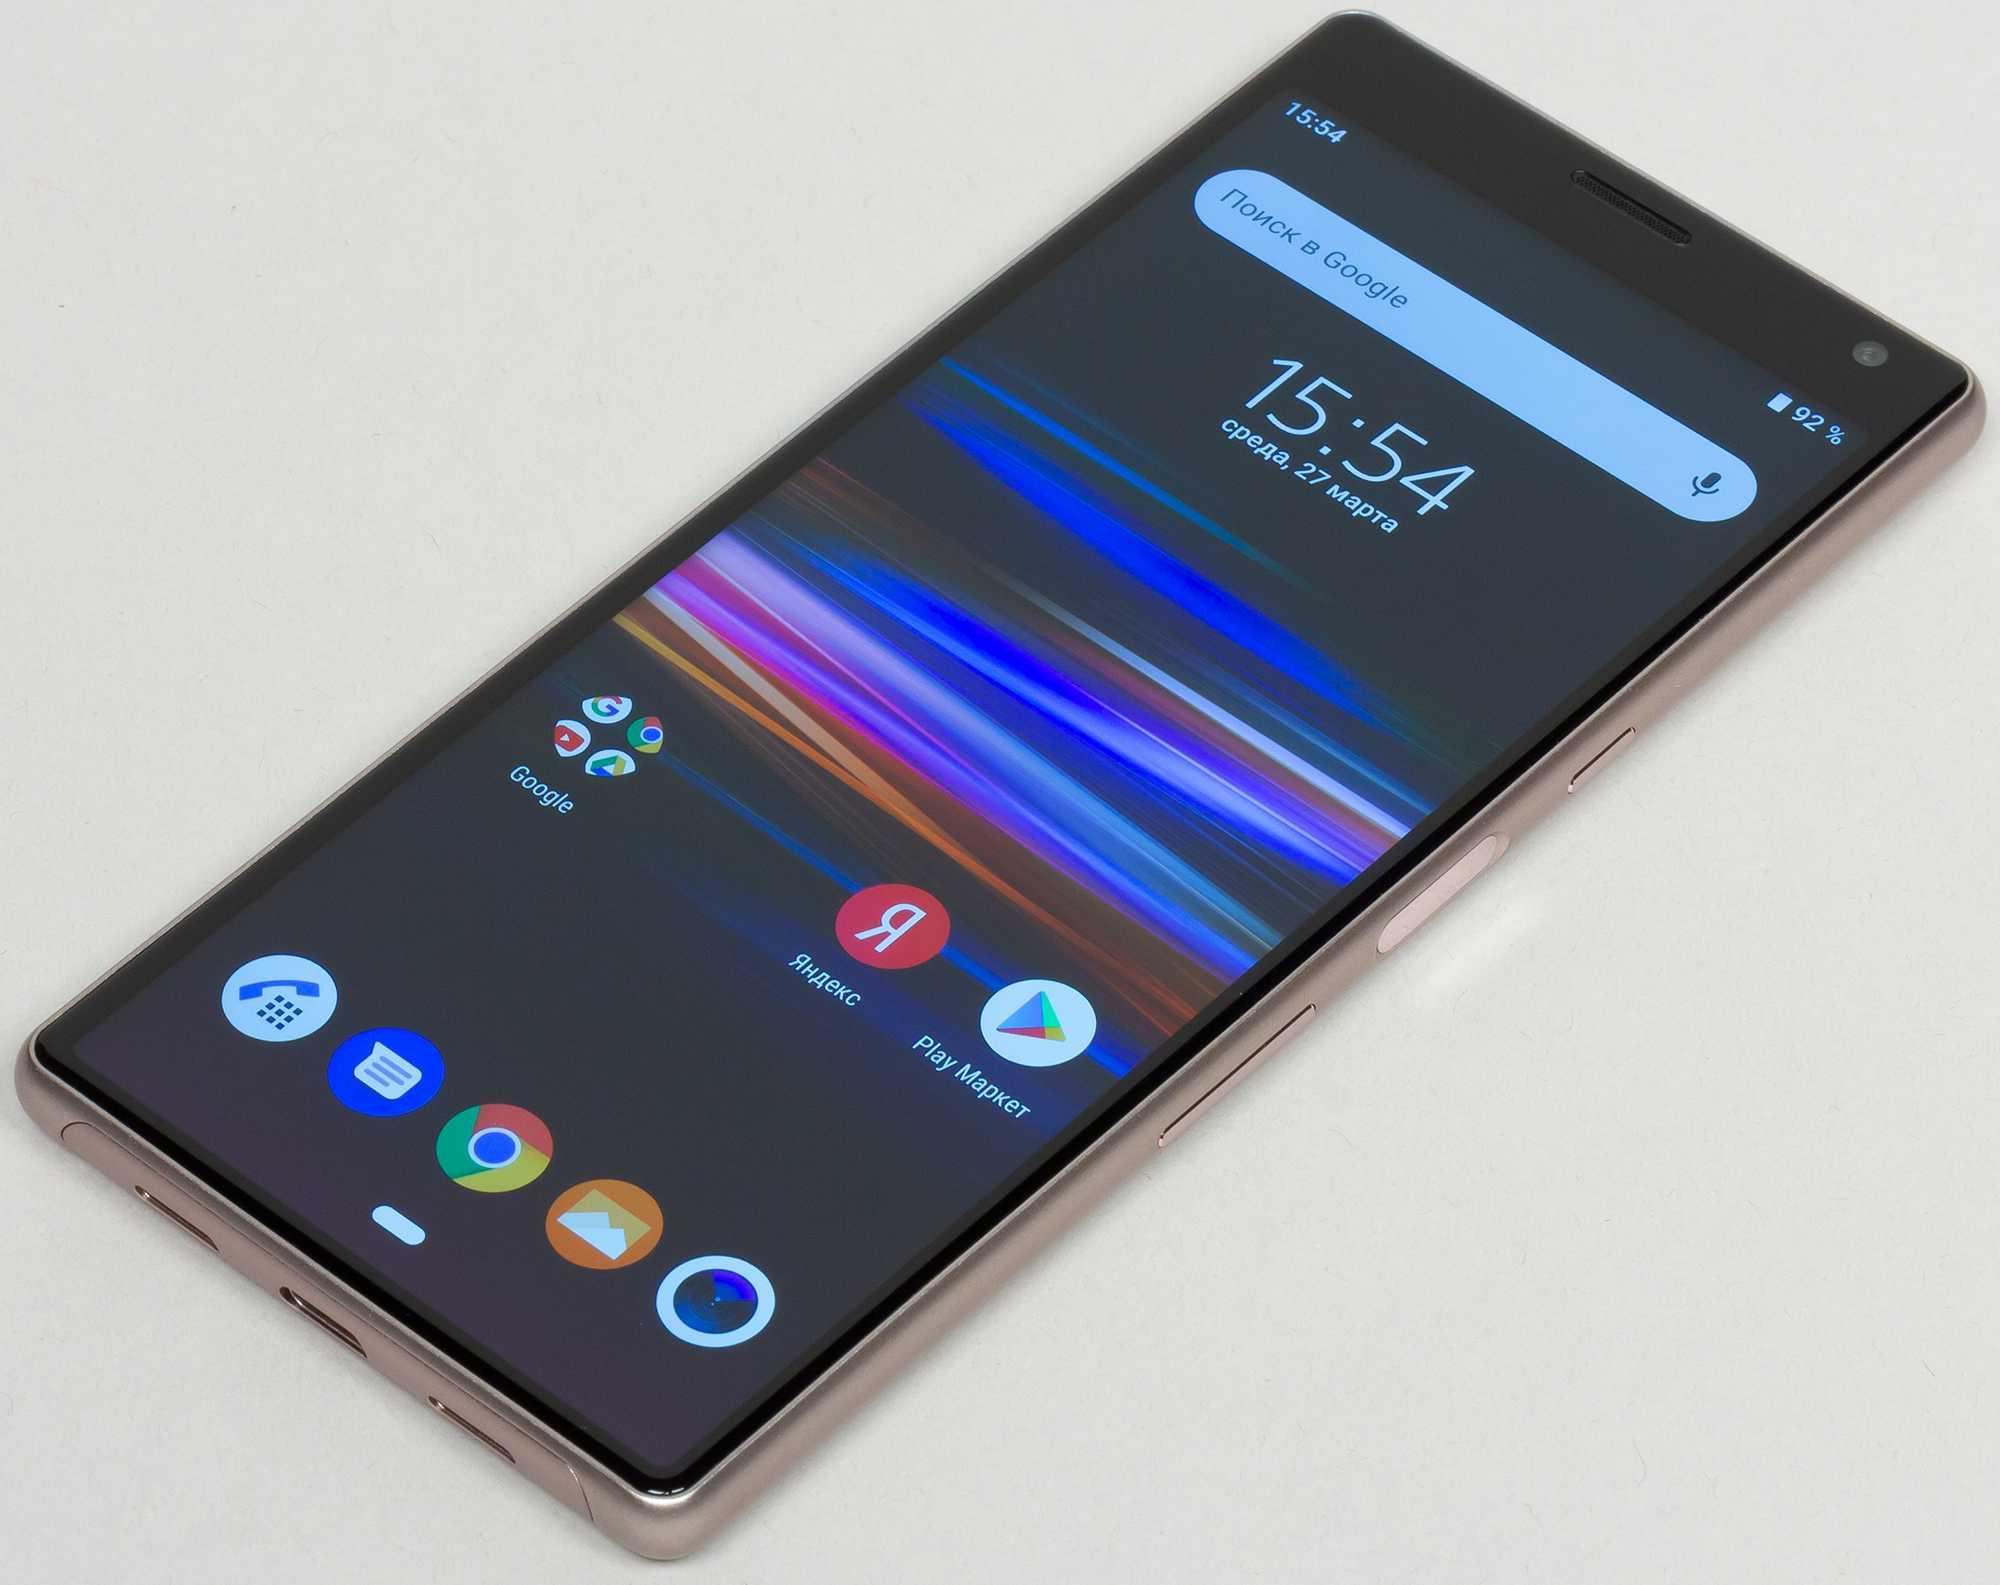 Sony xperia 10, 10 plus и l3 начали продаваться в россии / мобильные устройства / новости фототехники